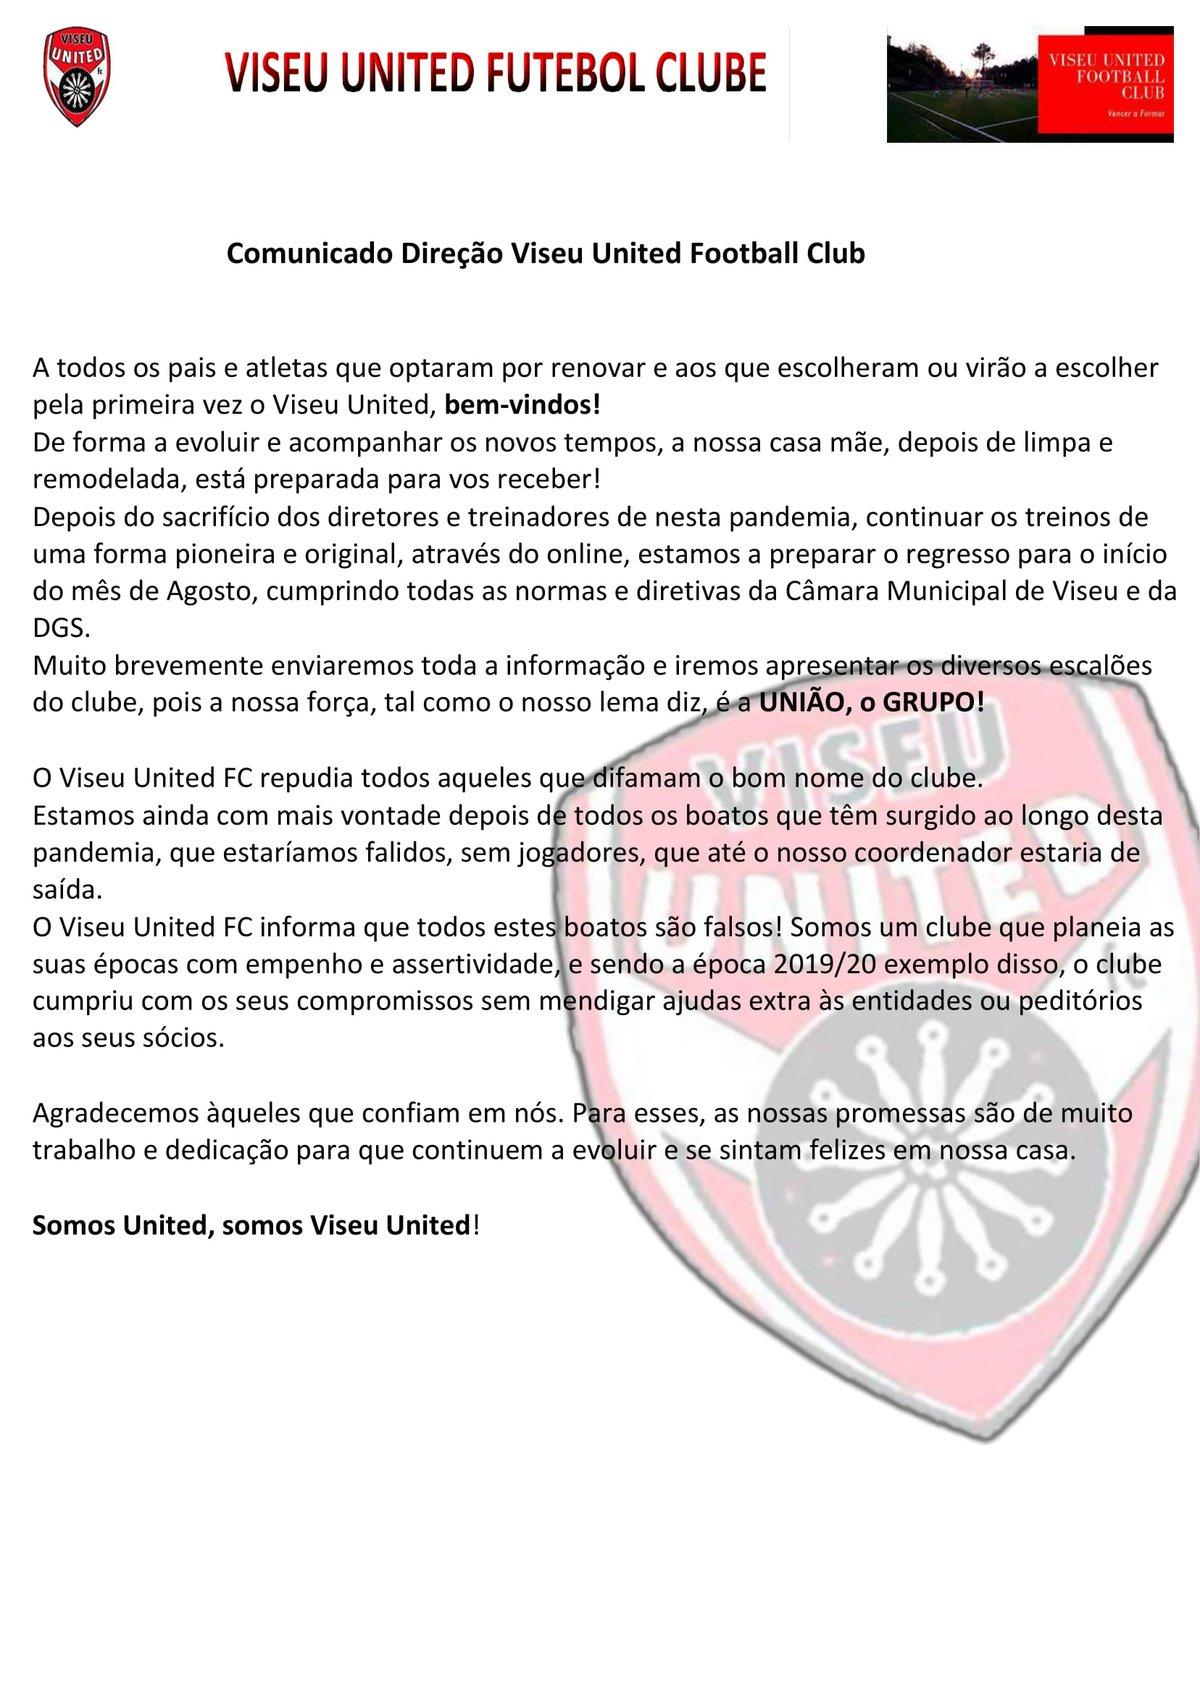 Comunicado Direção Viseu United Football Club